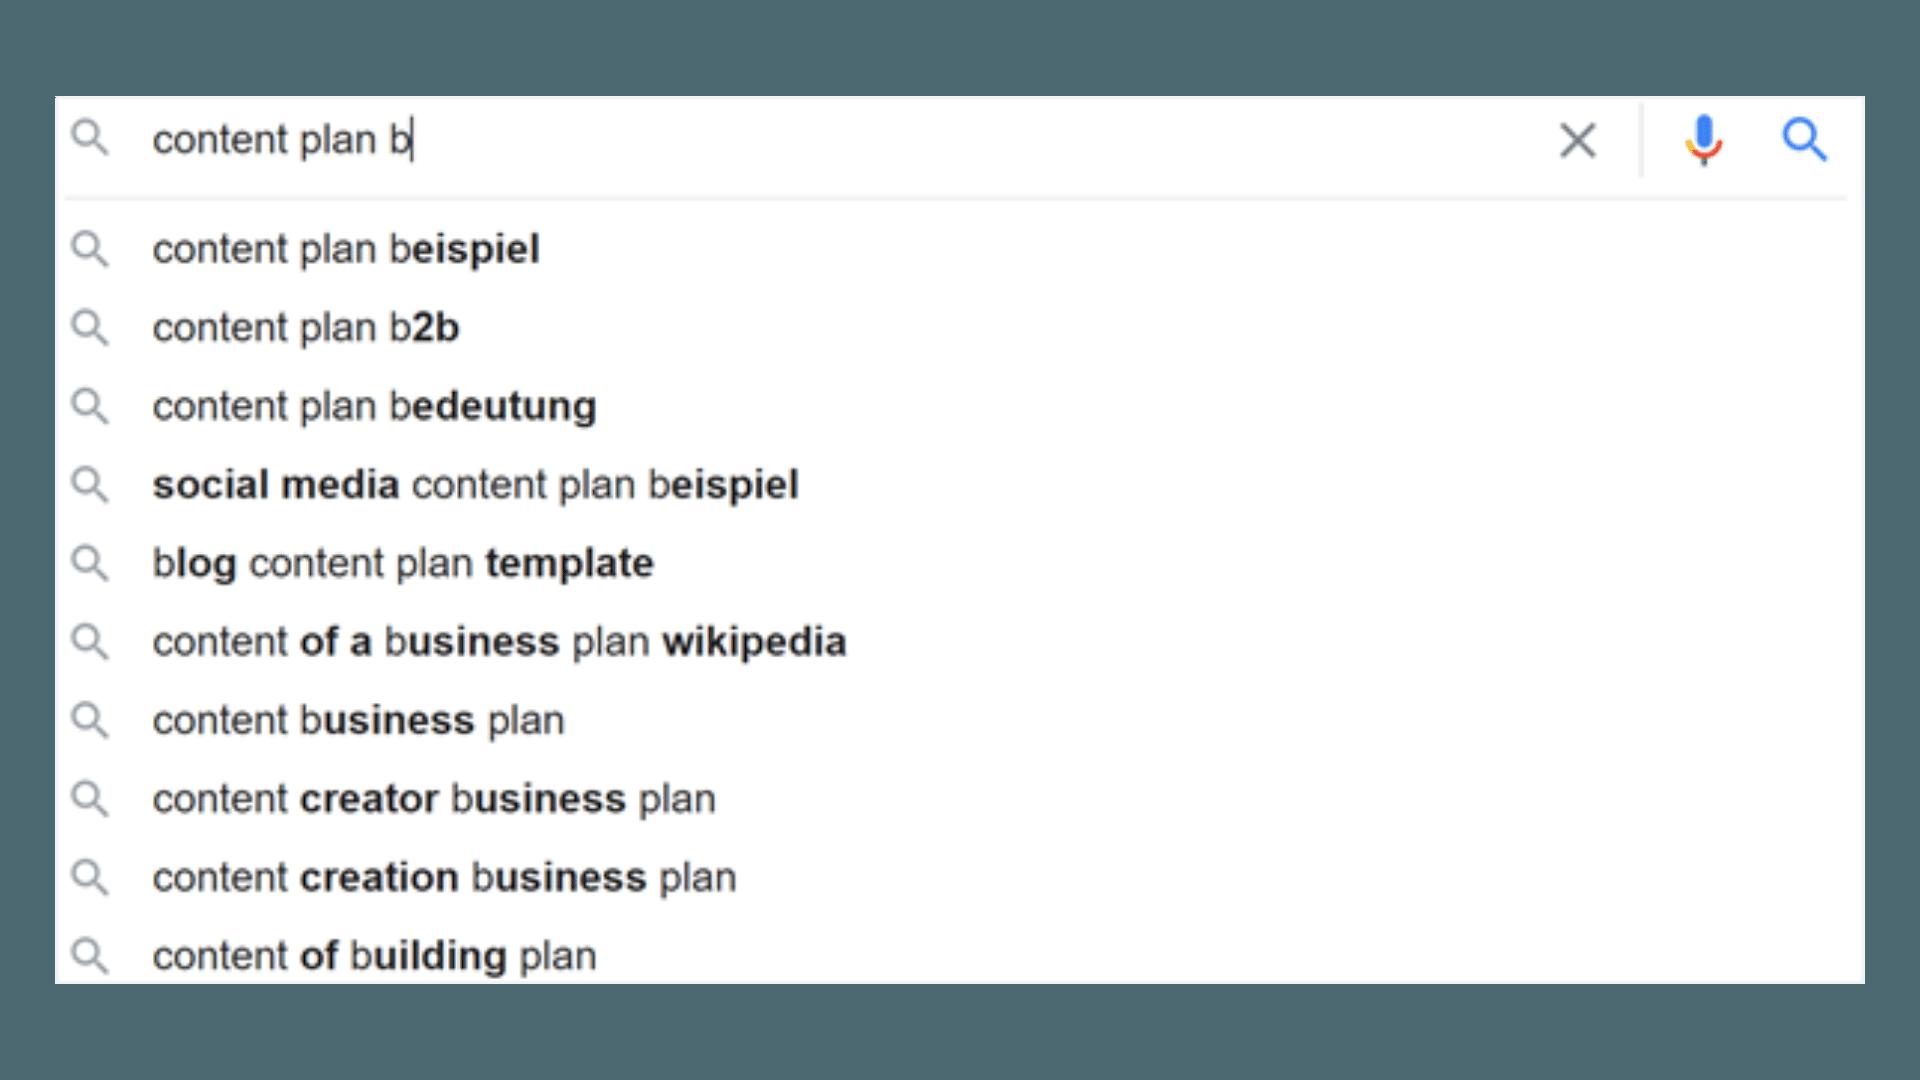 grafik-salessation-keyword-recherche-buchstabe-nach-dem-word